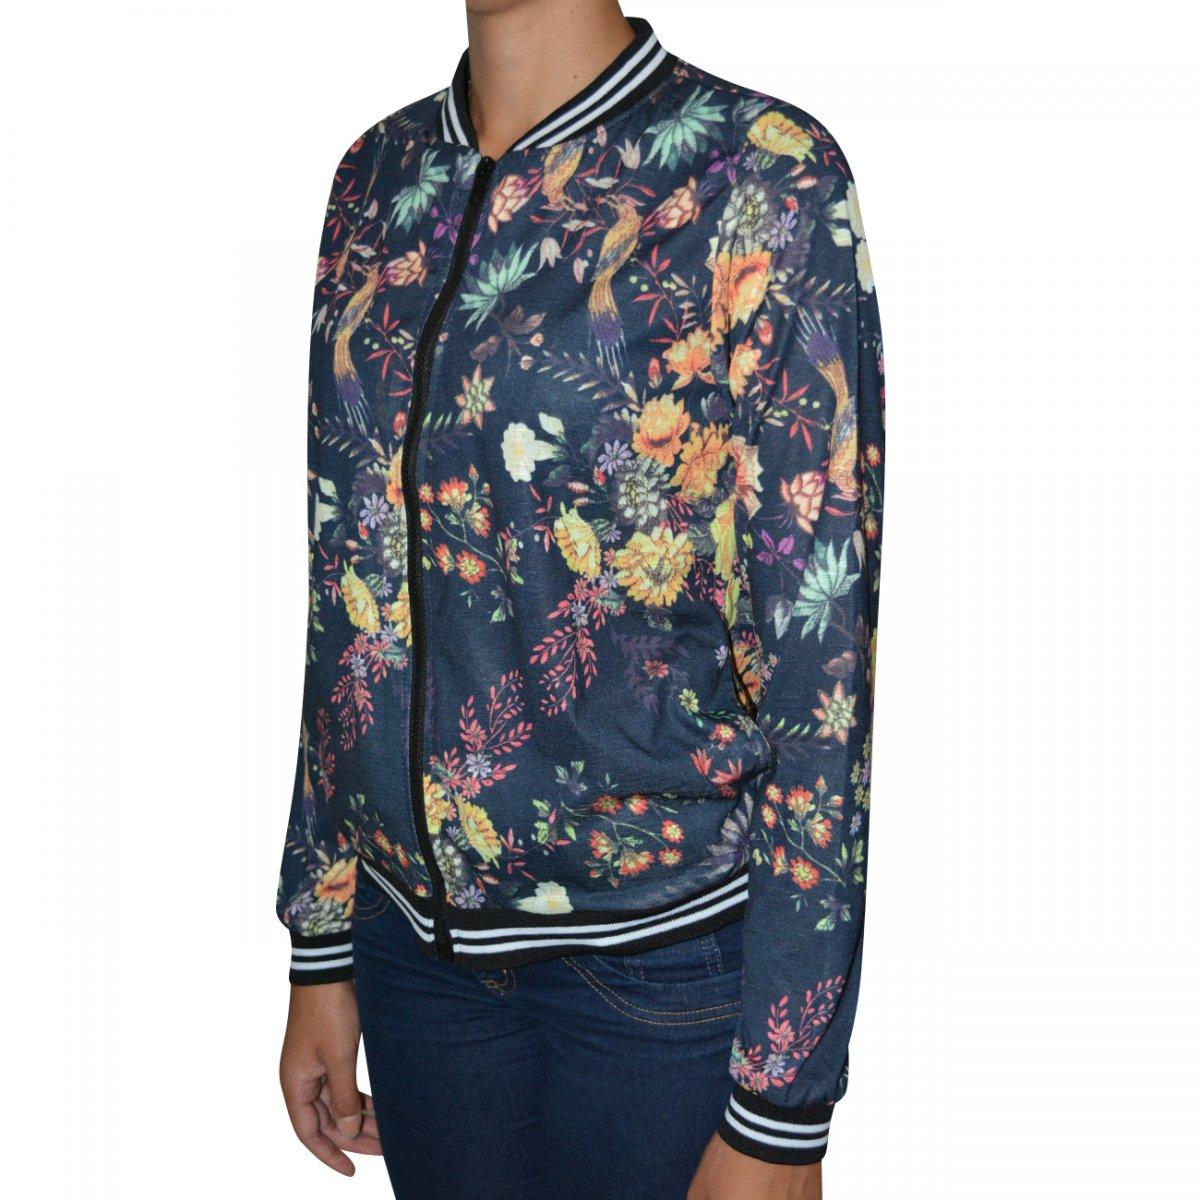 711c5d7dde4 Jaqueta Linha Leve Bomber Flame 3088 3088 - Floral - Chuteira Nike ...